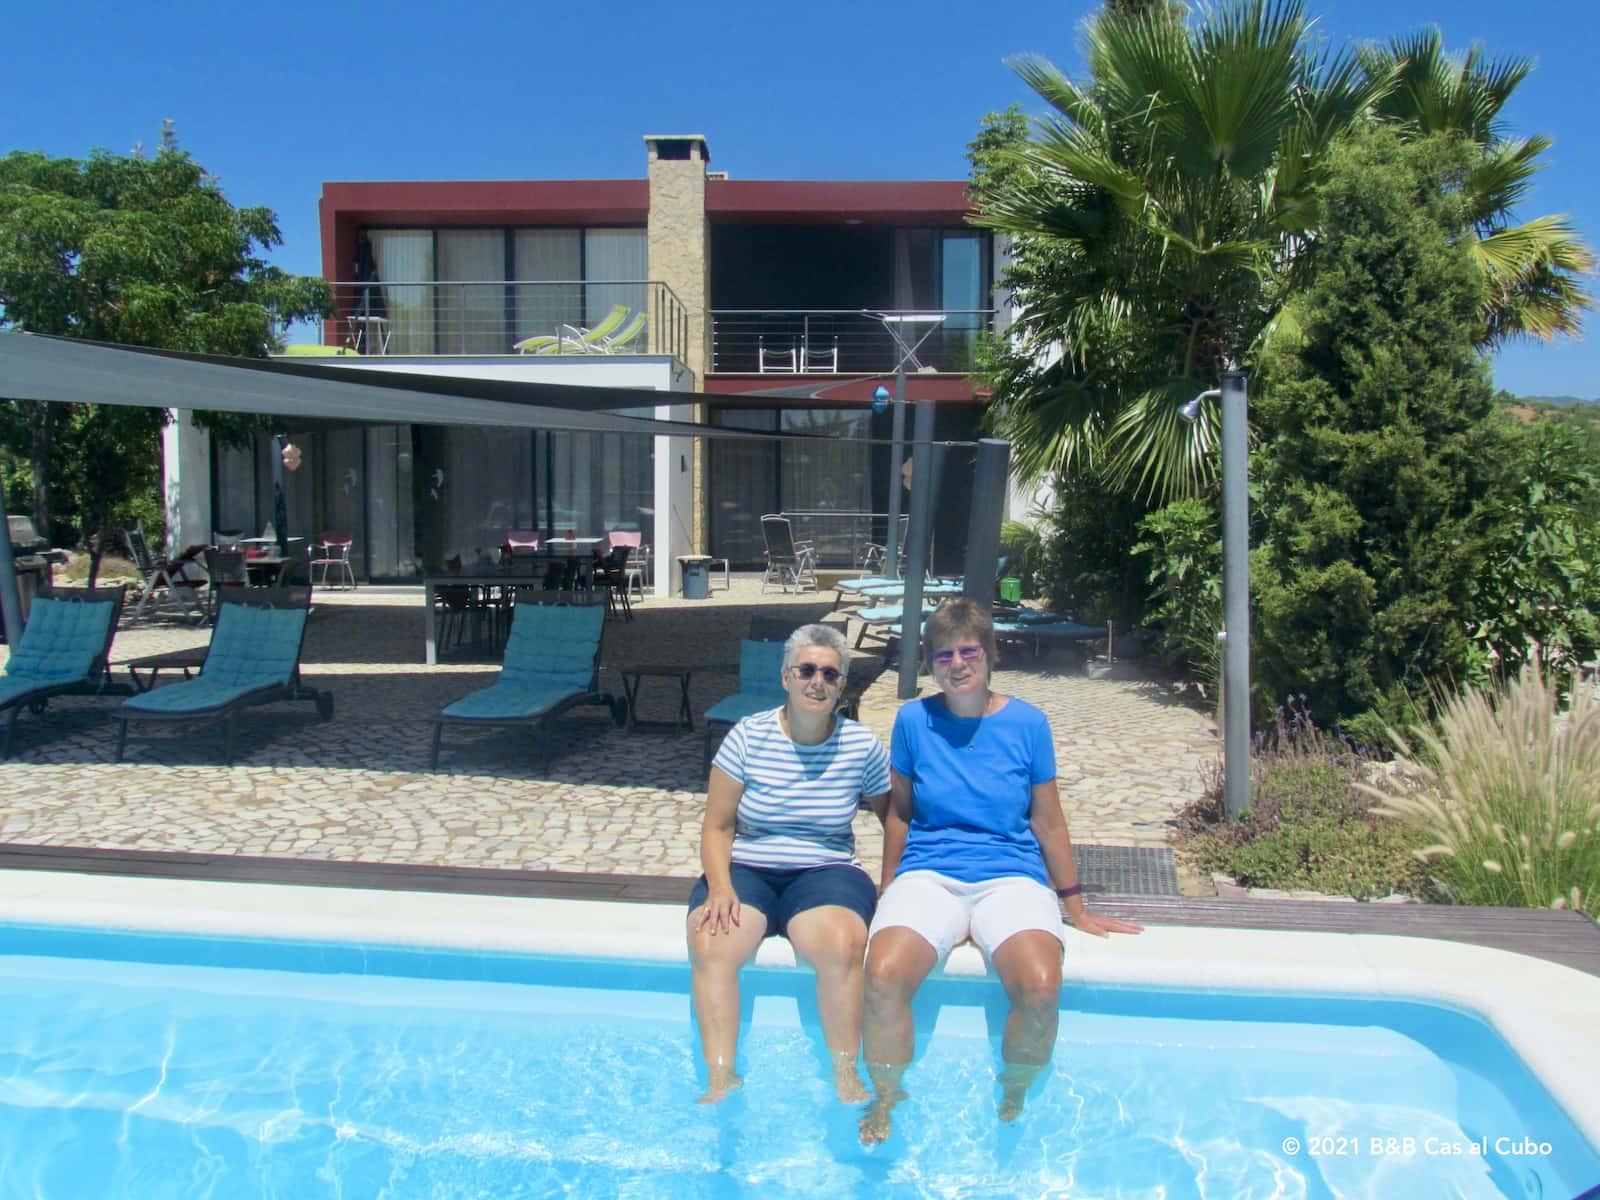 Kamer reserveren bij luxe en gezellig bed en breakfast Algarve X´Cas al Cubo